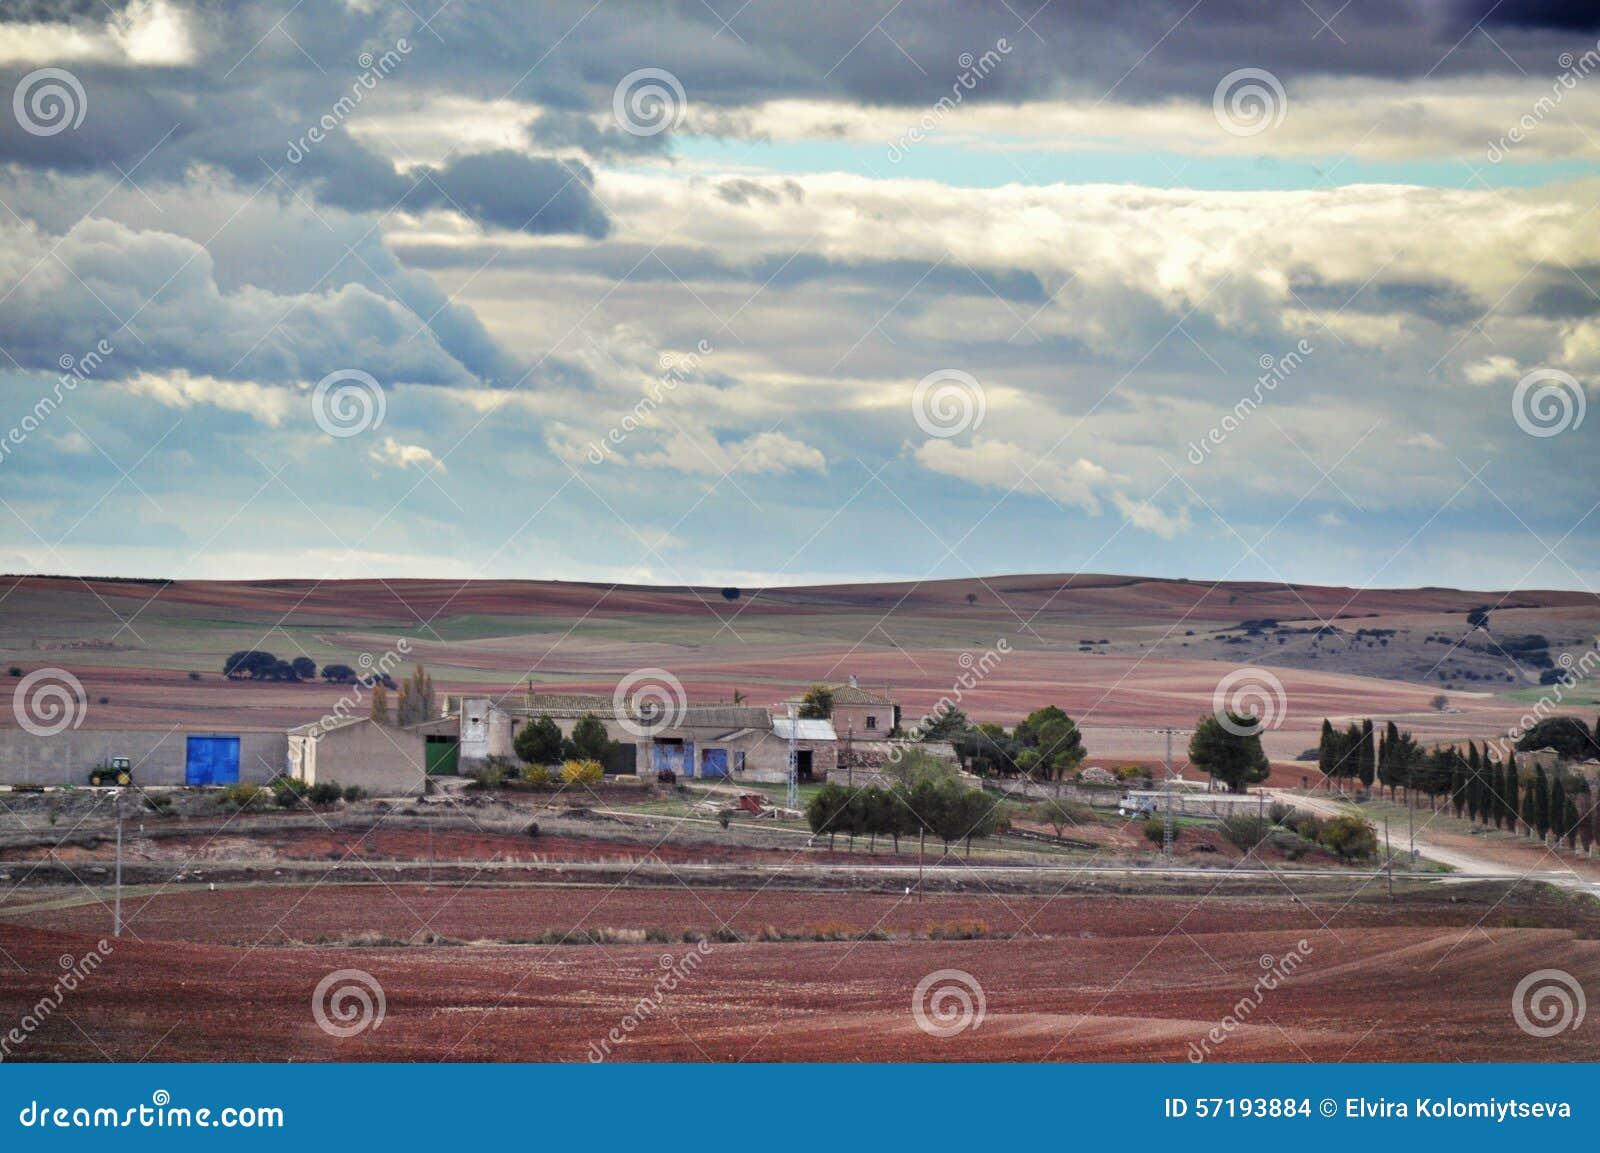 Spanish Landscape Stock Photo Image 57193884